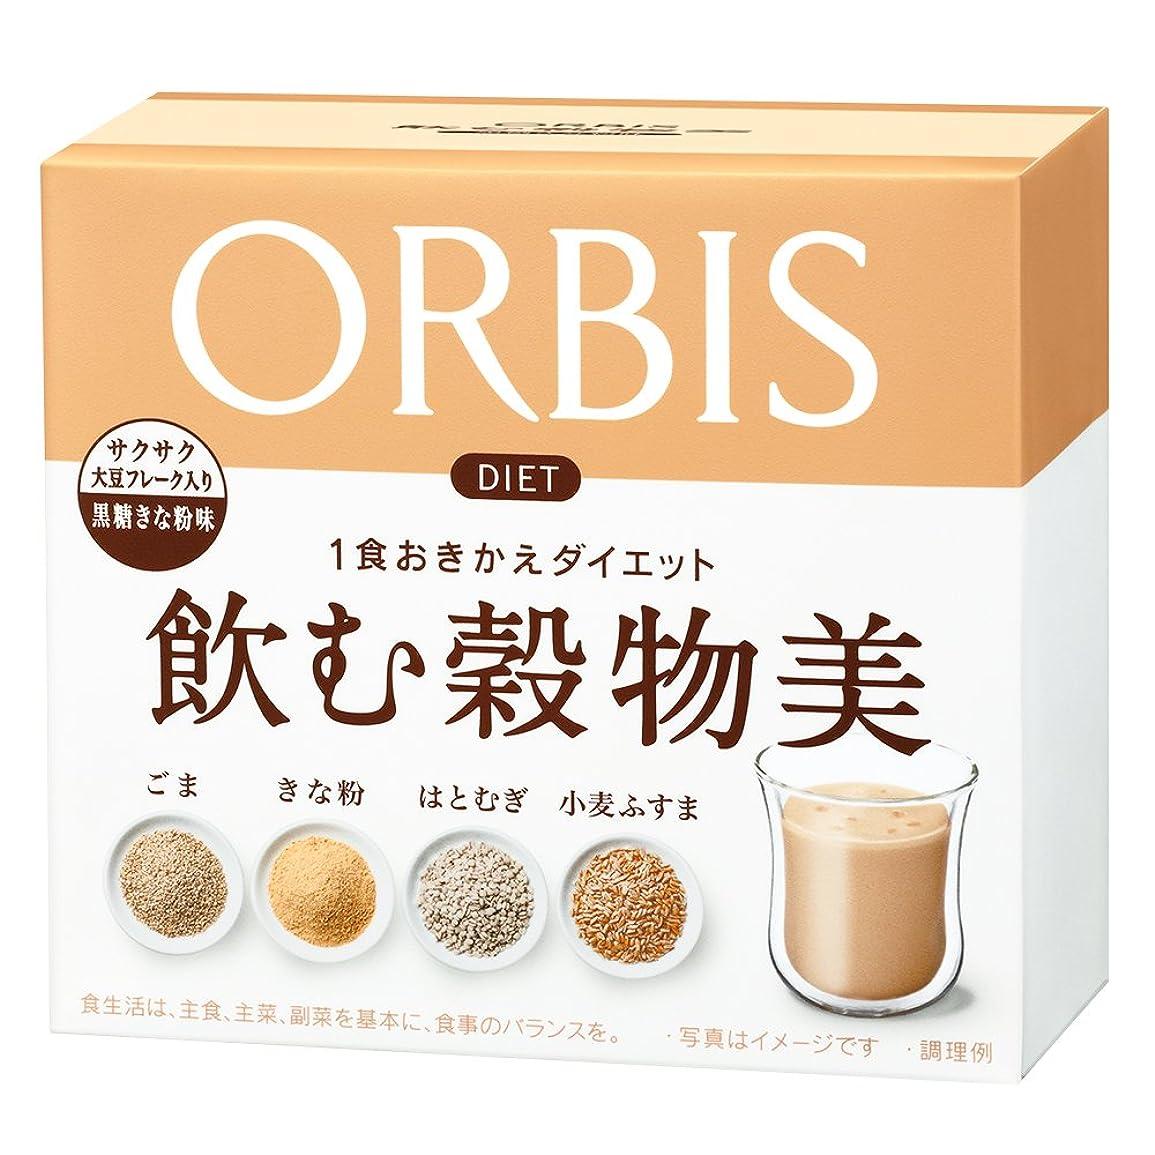 主人乳剤永続オルビス(ORBIS) 飲む穀物美 黒糖きなこ味 7日分(25g×7袋) ◎雑穀ダイエットシェイク◎ 1食分約189kcal